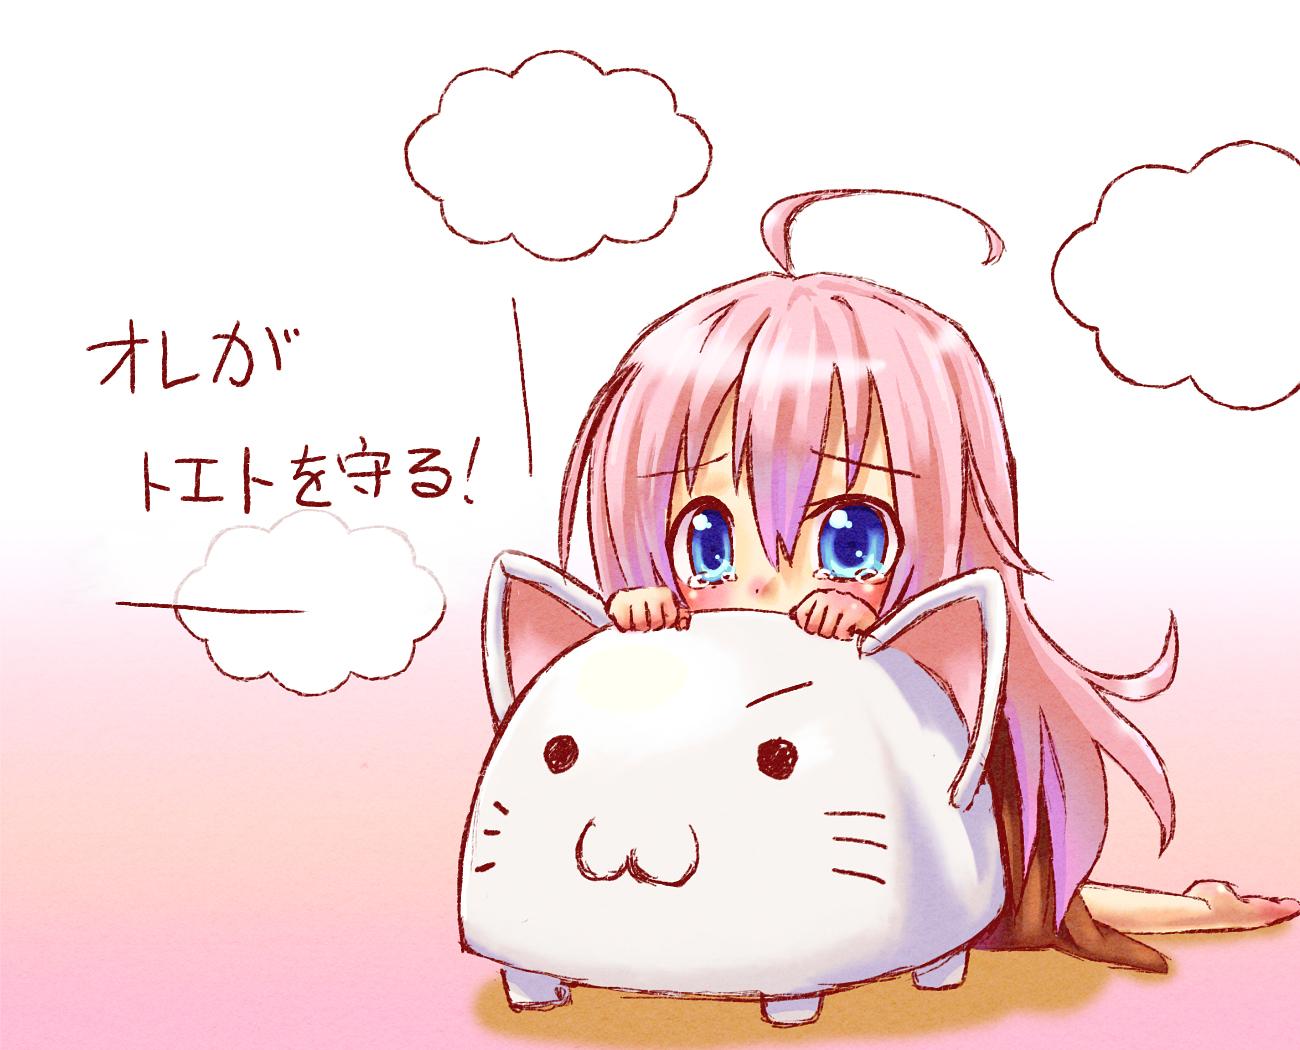 Рисунки смешных аниме